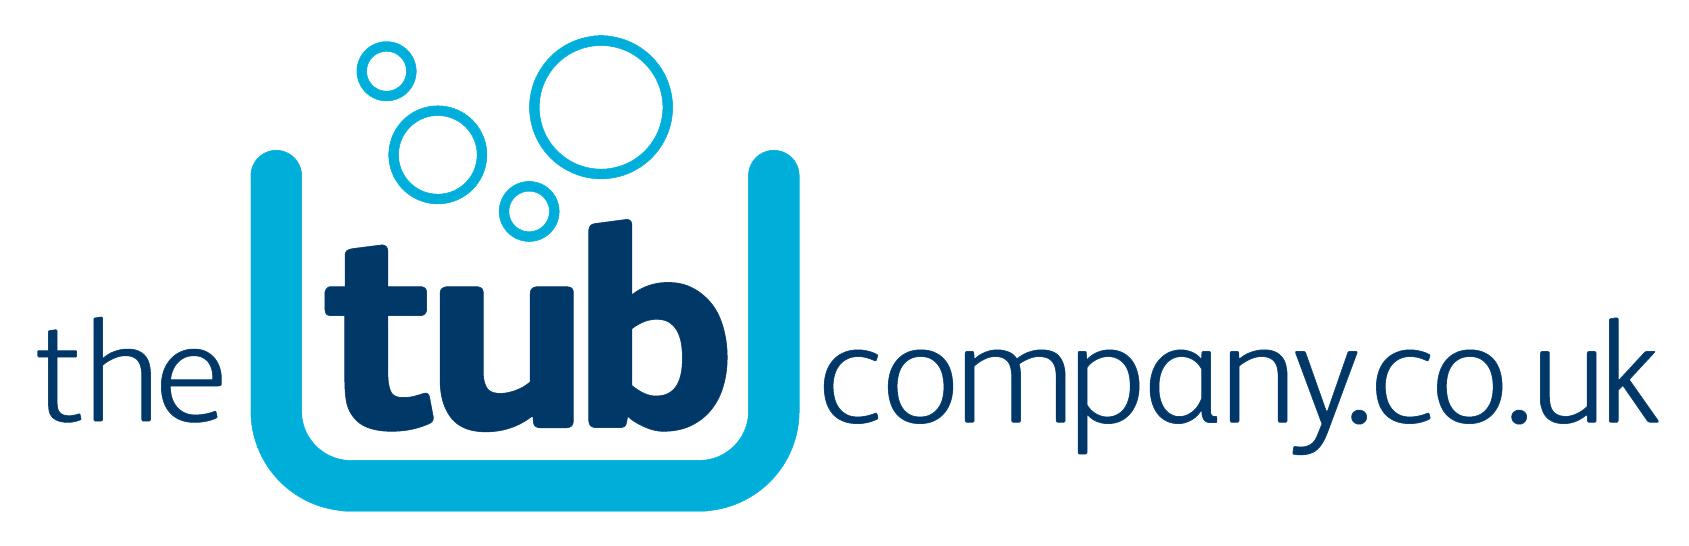 tub-company-logo glow